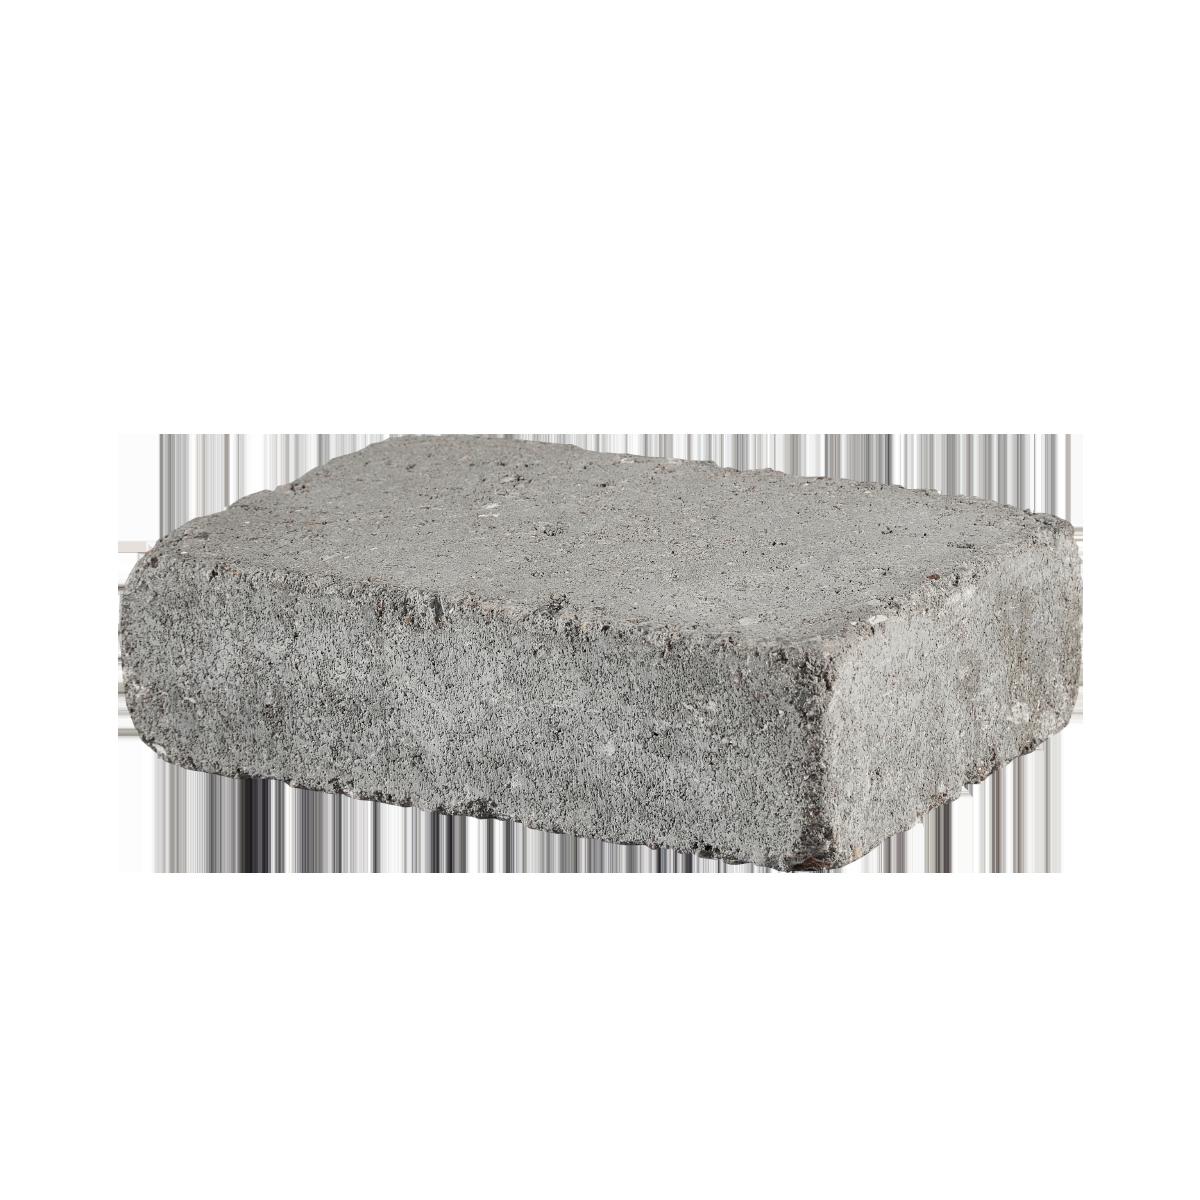 Holmegaardsten® 14x21x7 cm Gråmix Normalsten